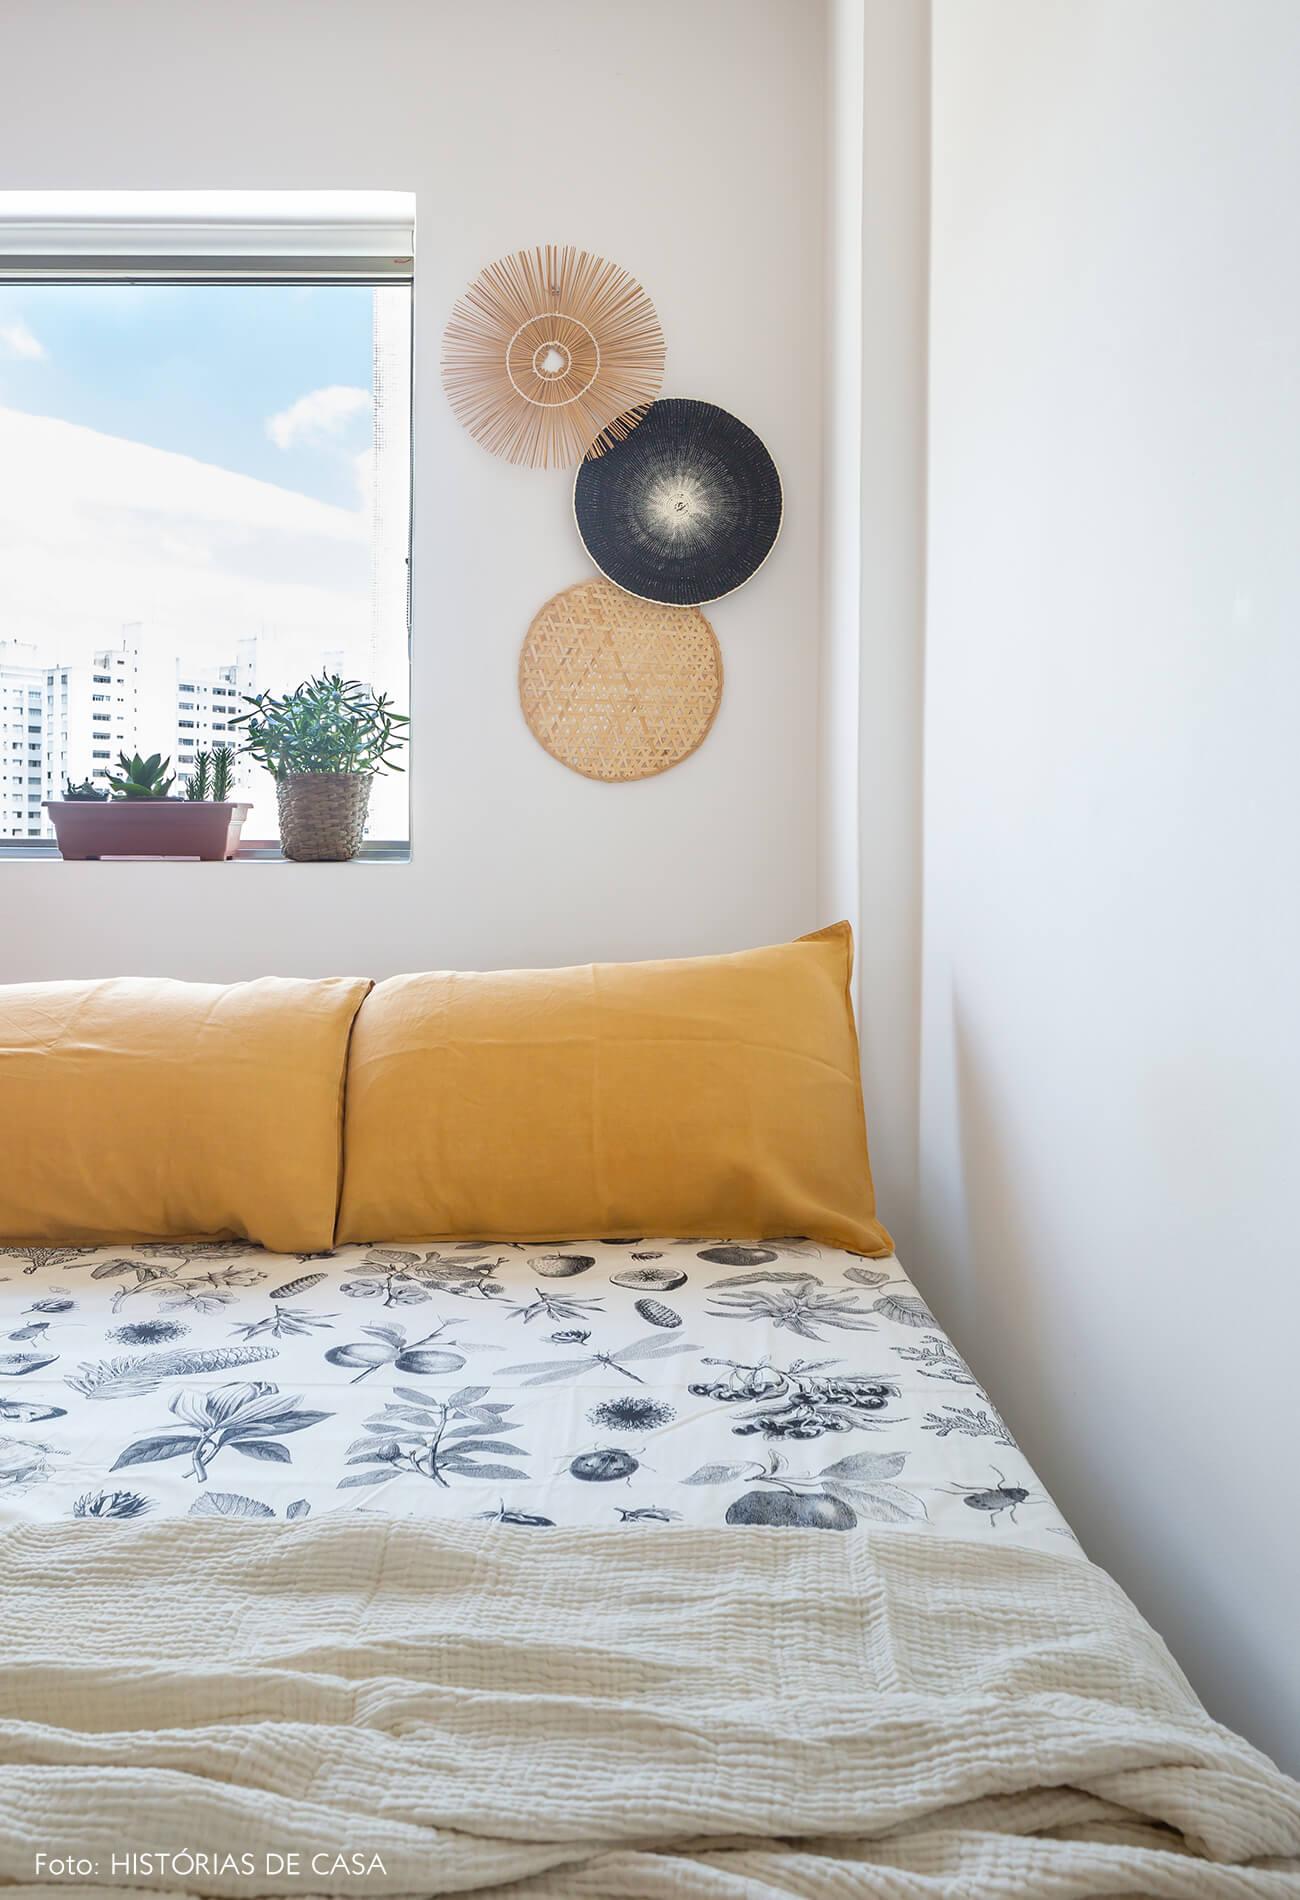 decoração quarto com objetos de palha na parede